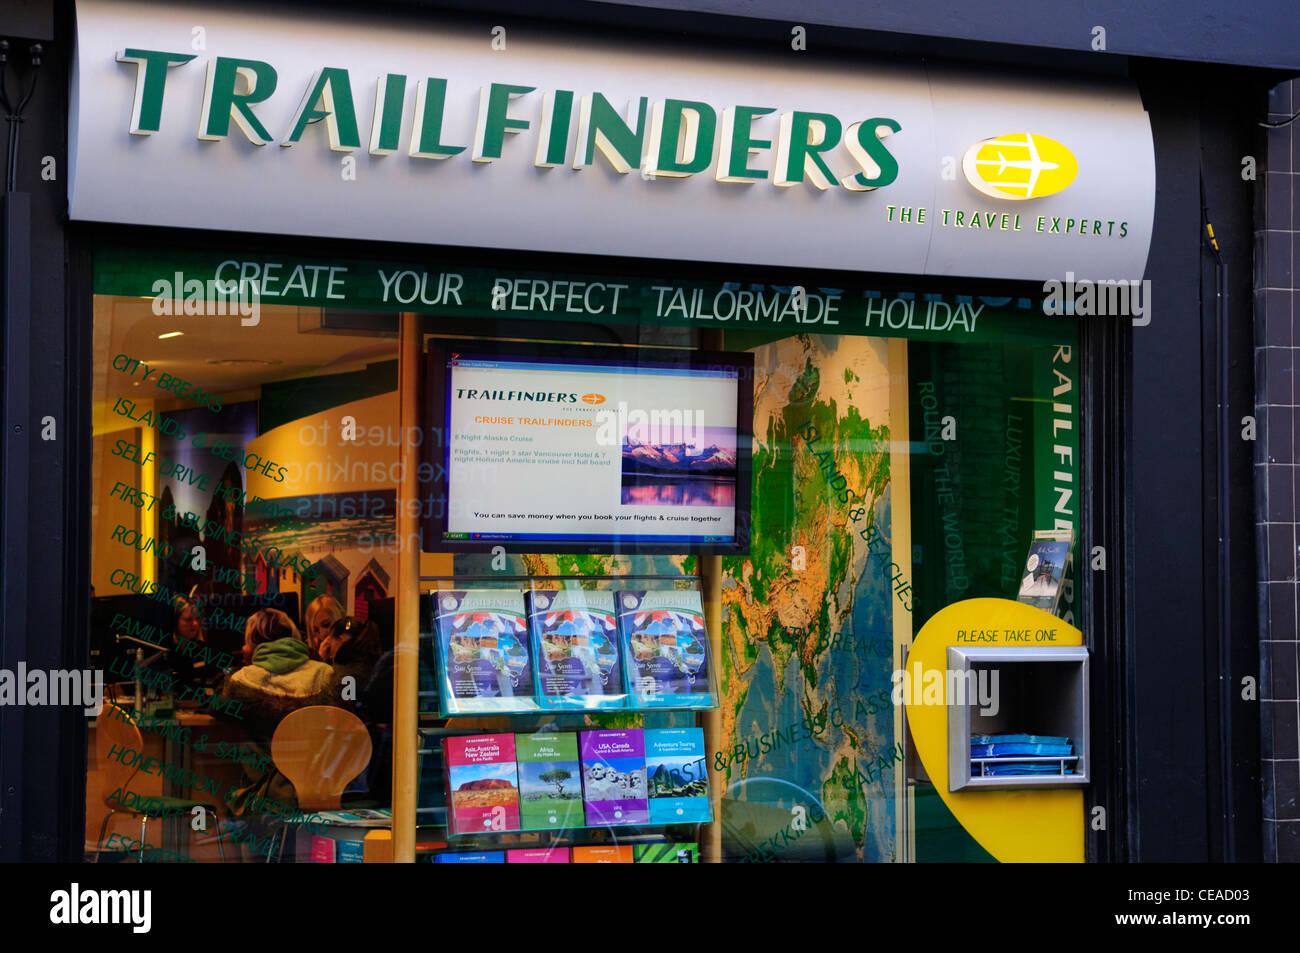 Trailfinders Reiseexperten, Cambridge, England, Vereinigtes Königreich Stockbild